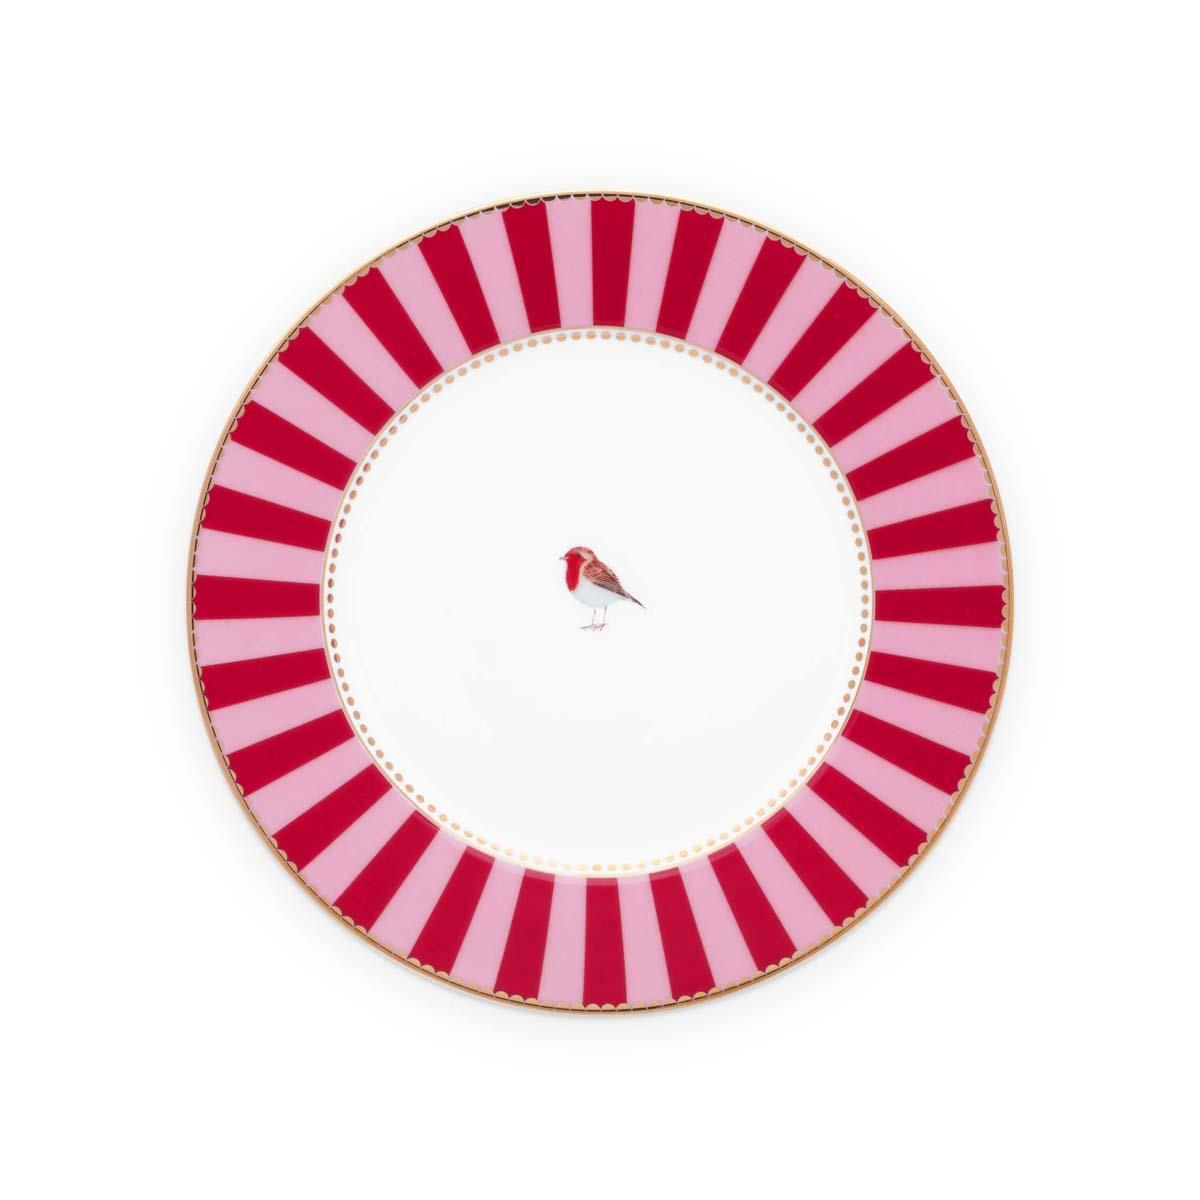 Πιάτο Love Birds πορσελάνινο κόκκινο ρίγες 17cm Pip Studio 51001238